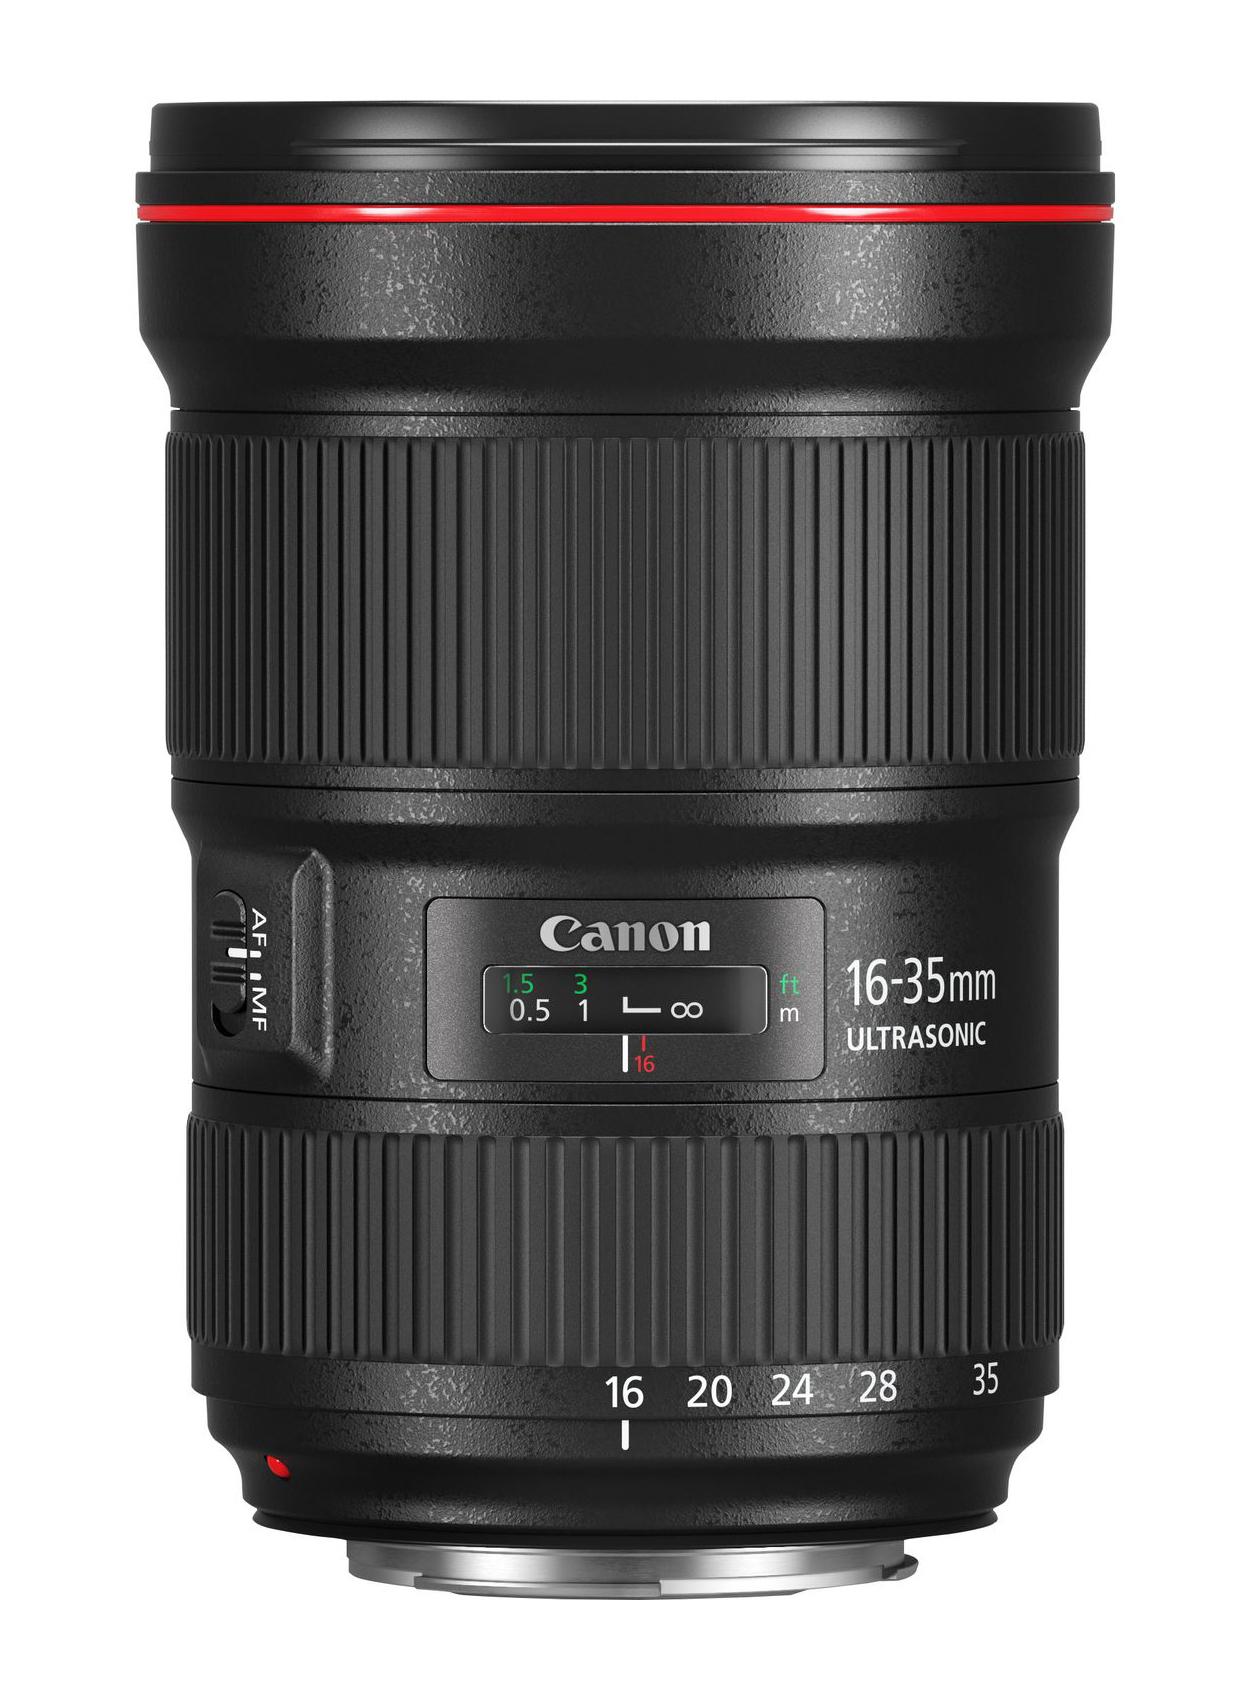 Canon EF 16-35mm f/2.8L III USM SLR Ultra-wide lens Black